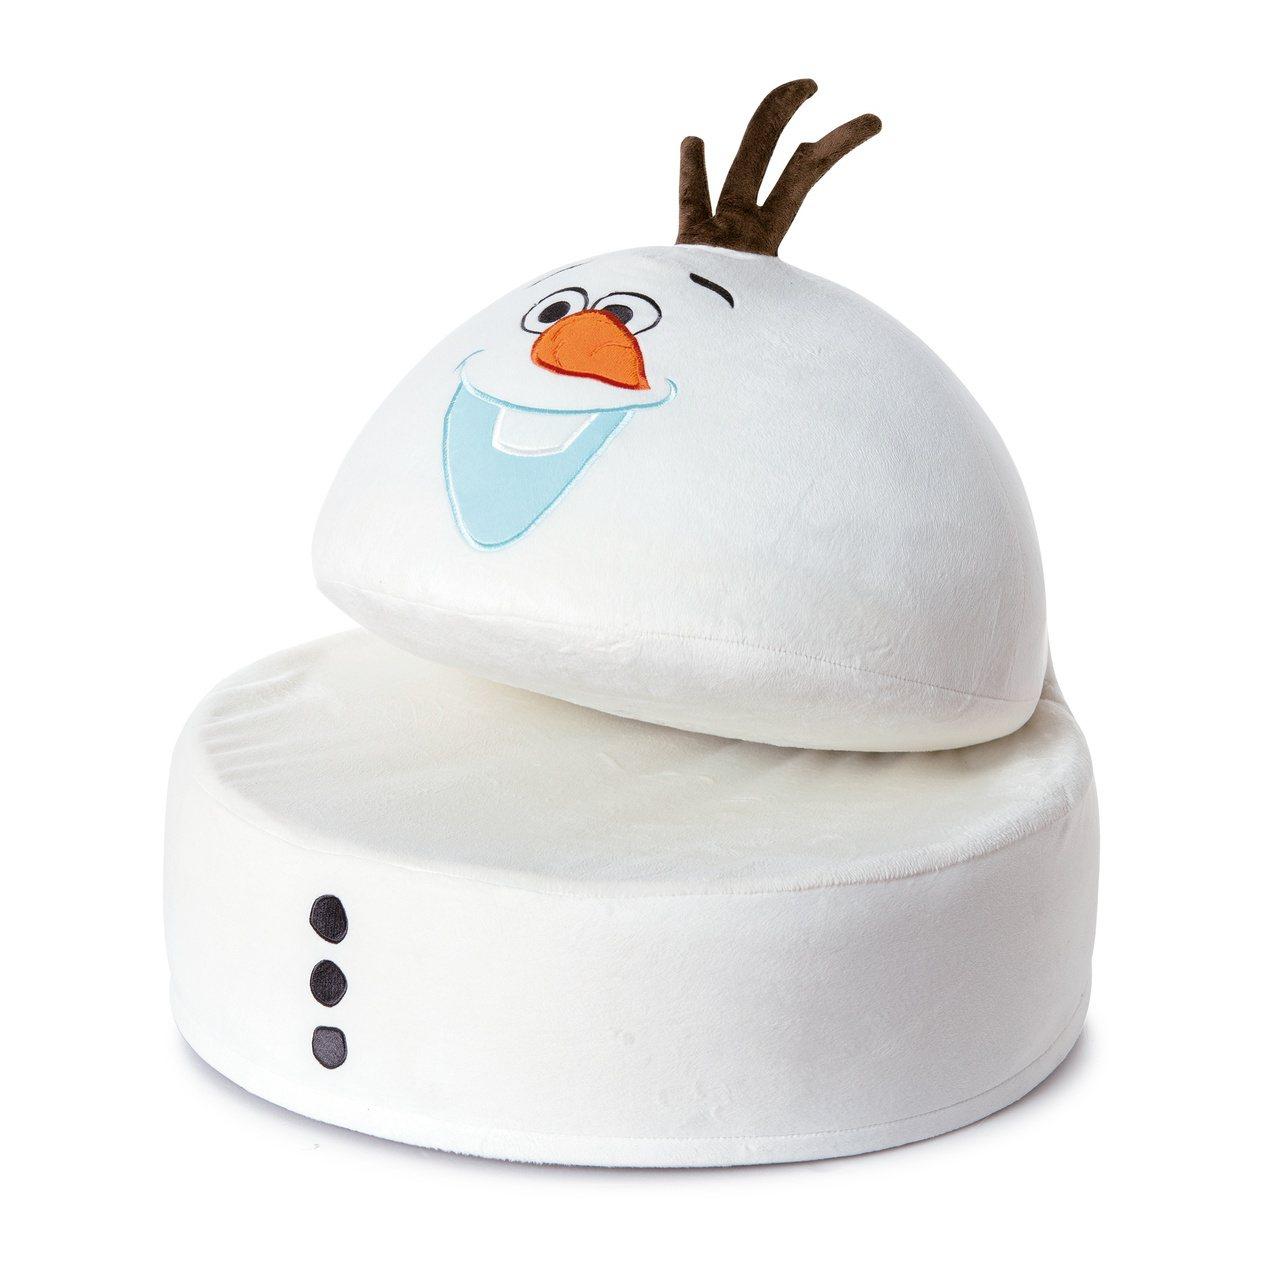 HOLA特力和樂《冰雪奇緣2》漢堡和室椅-雪寶,原價2,490元、特價1,790...